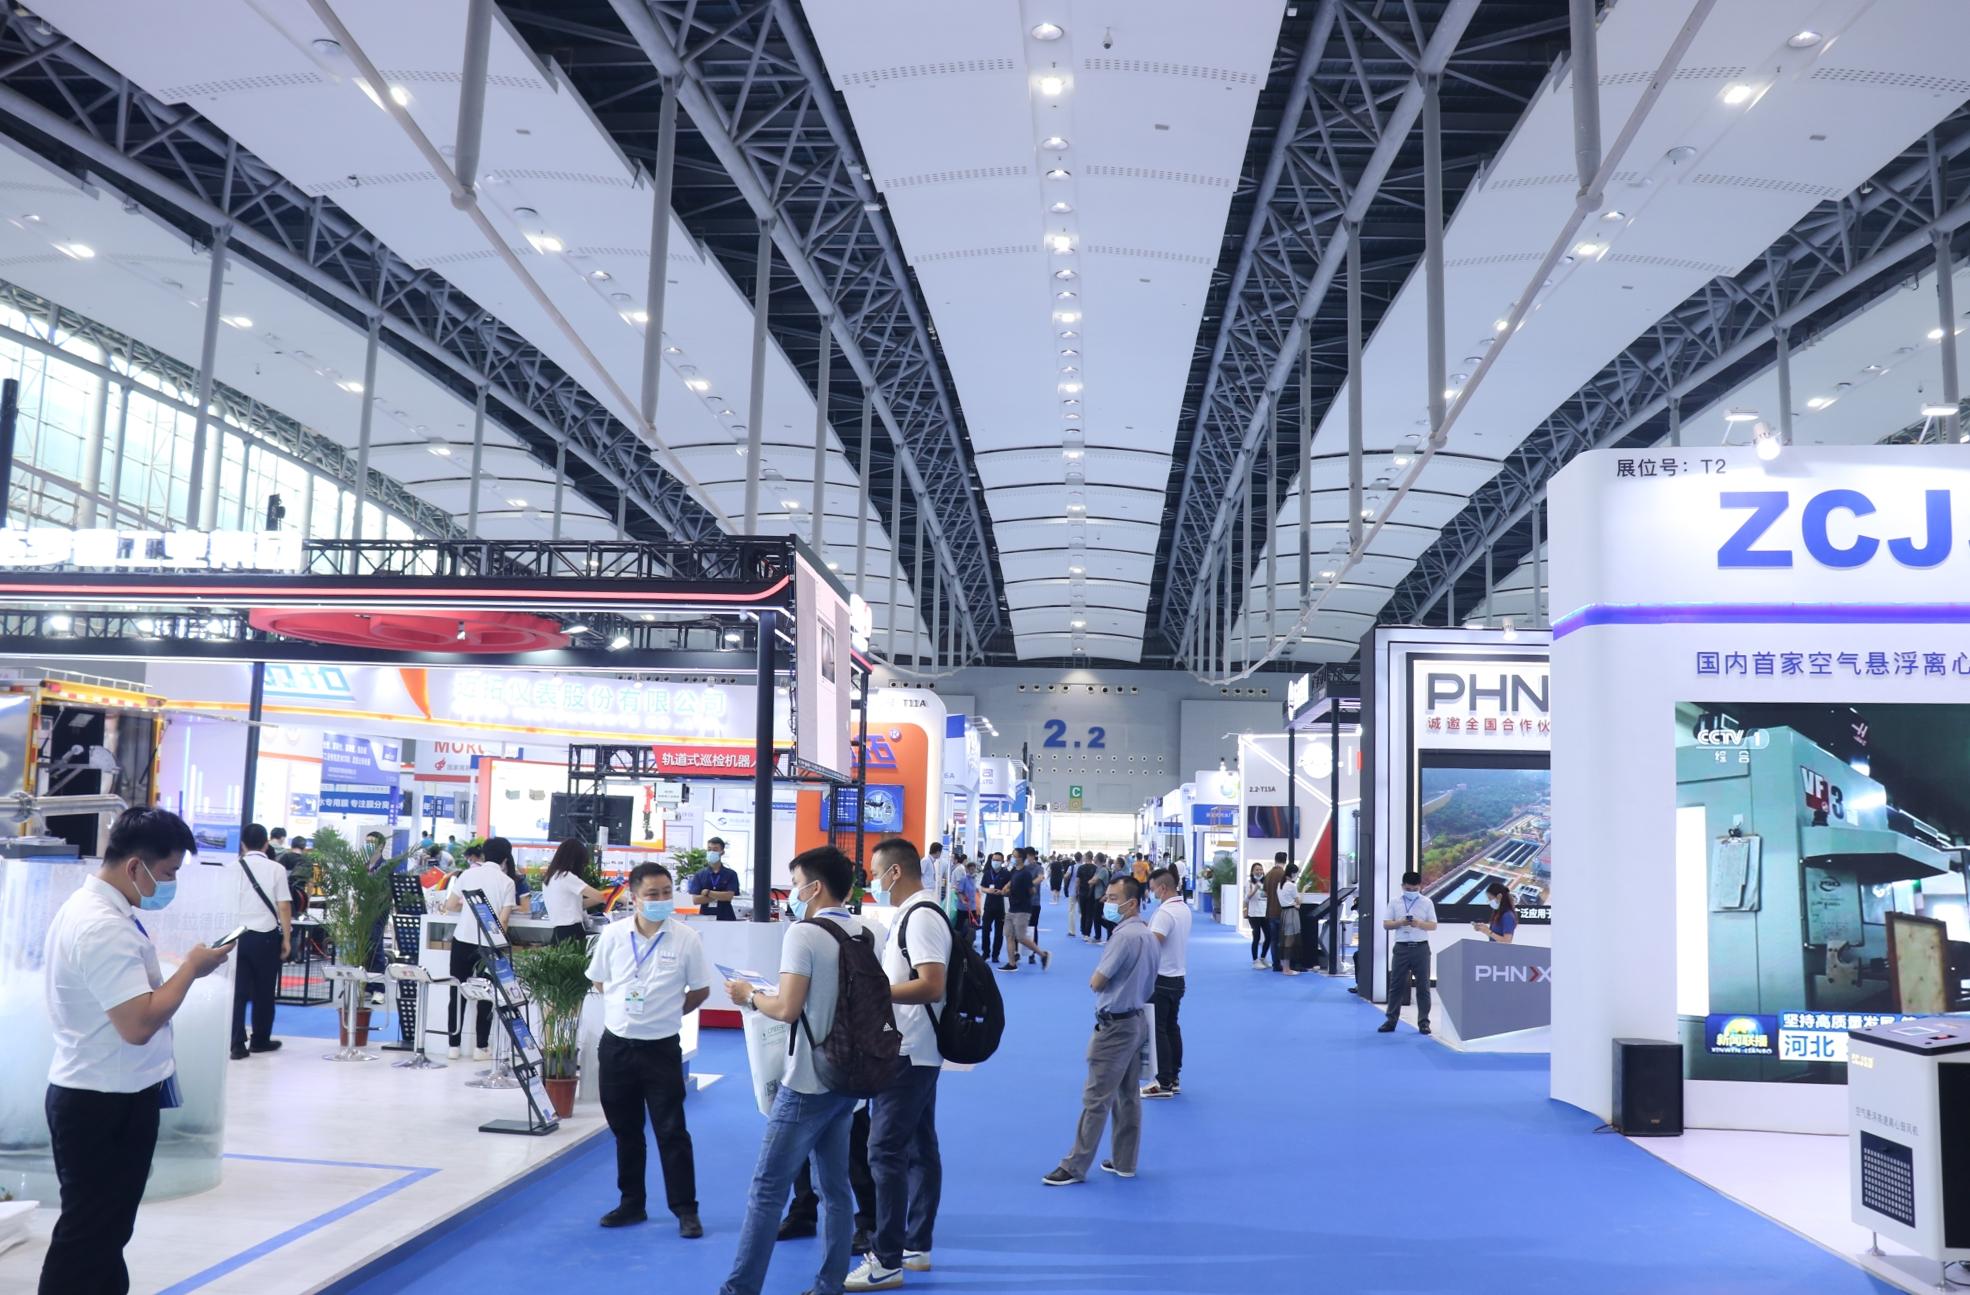 環保盛會 第十五屆中國廣州國際環保產業博覽會CPIEE2021盛大開幕